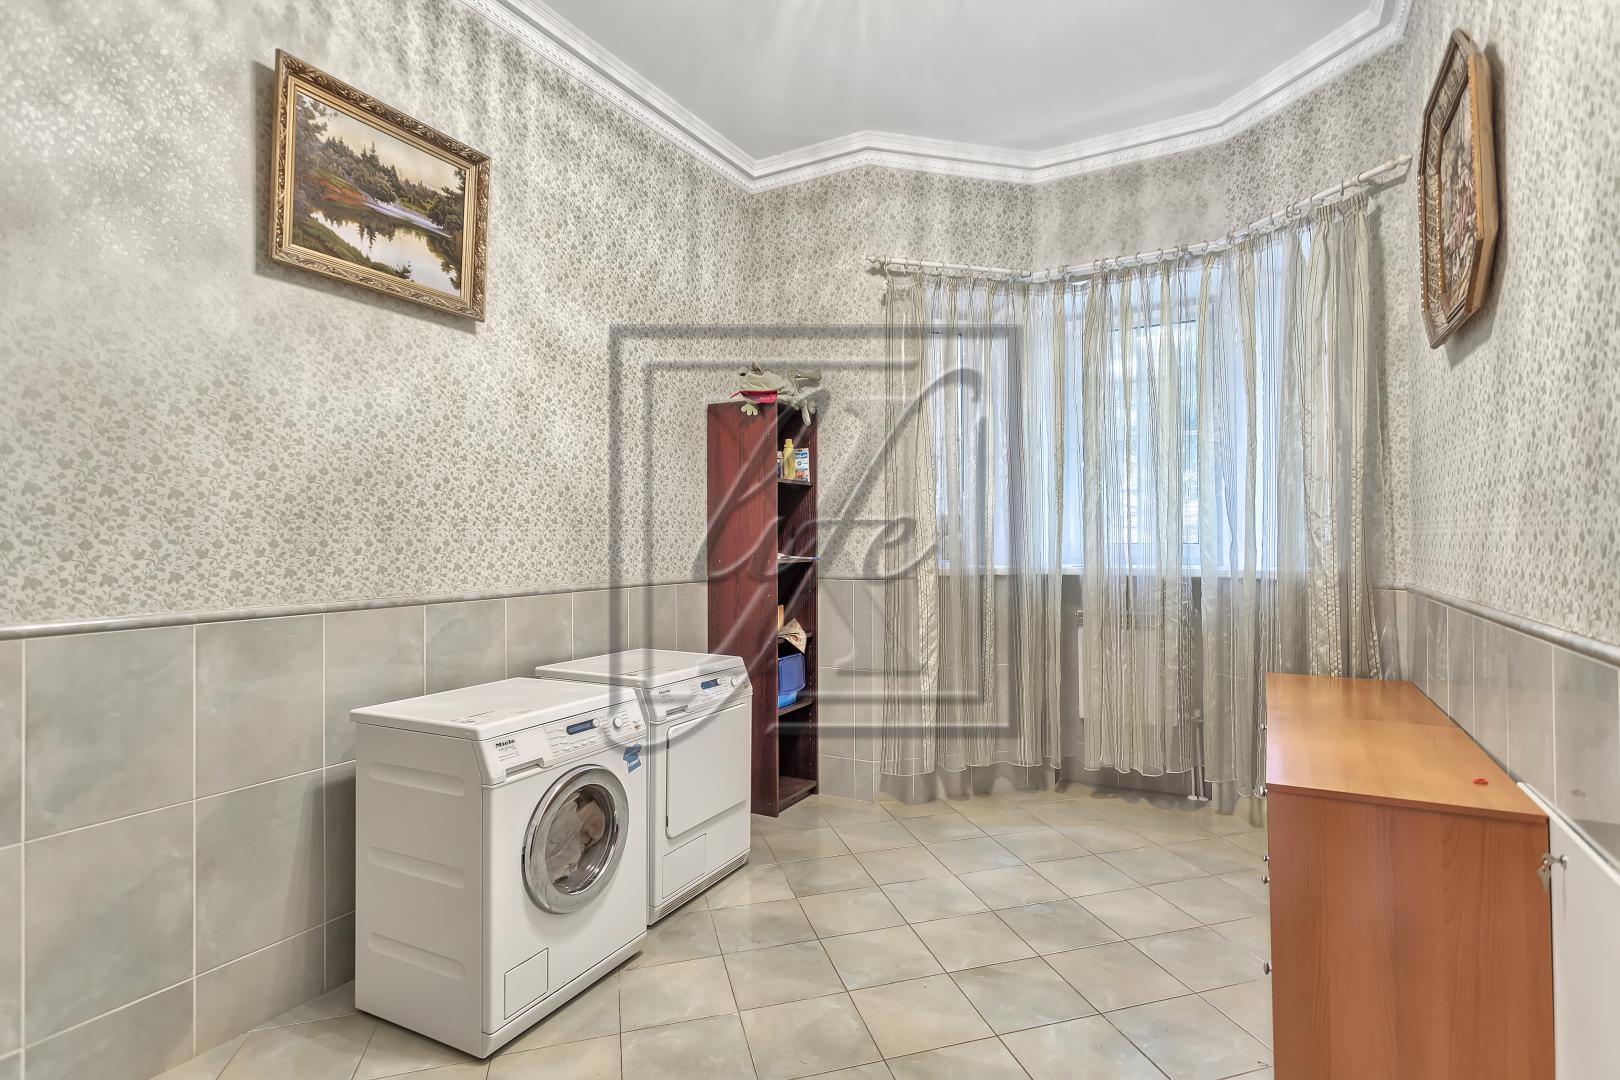 Продам дом по адресу Россия, Новомосковский административный округ, Лаптево, Береговая улица фото 25 по выгодной цене